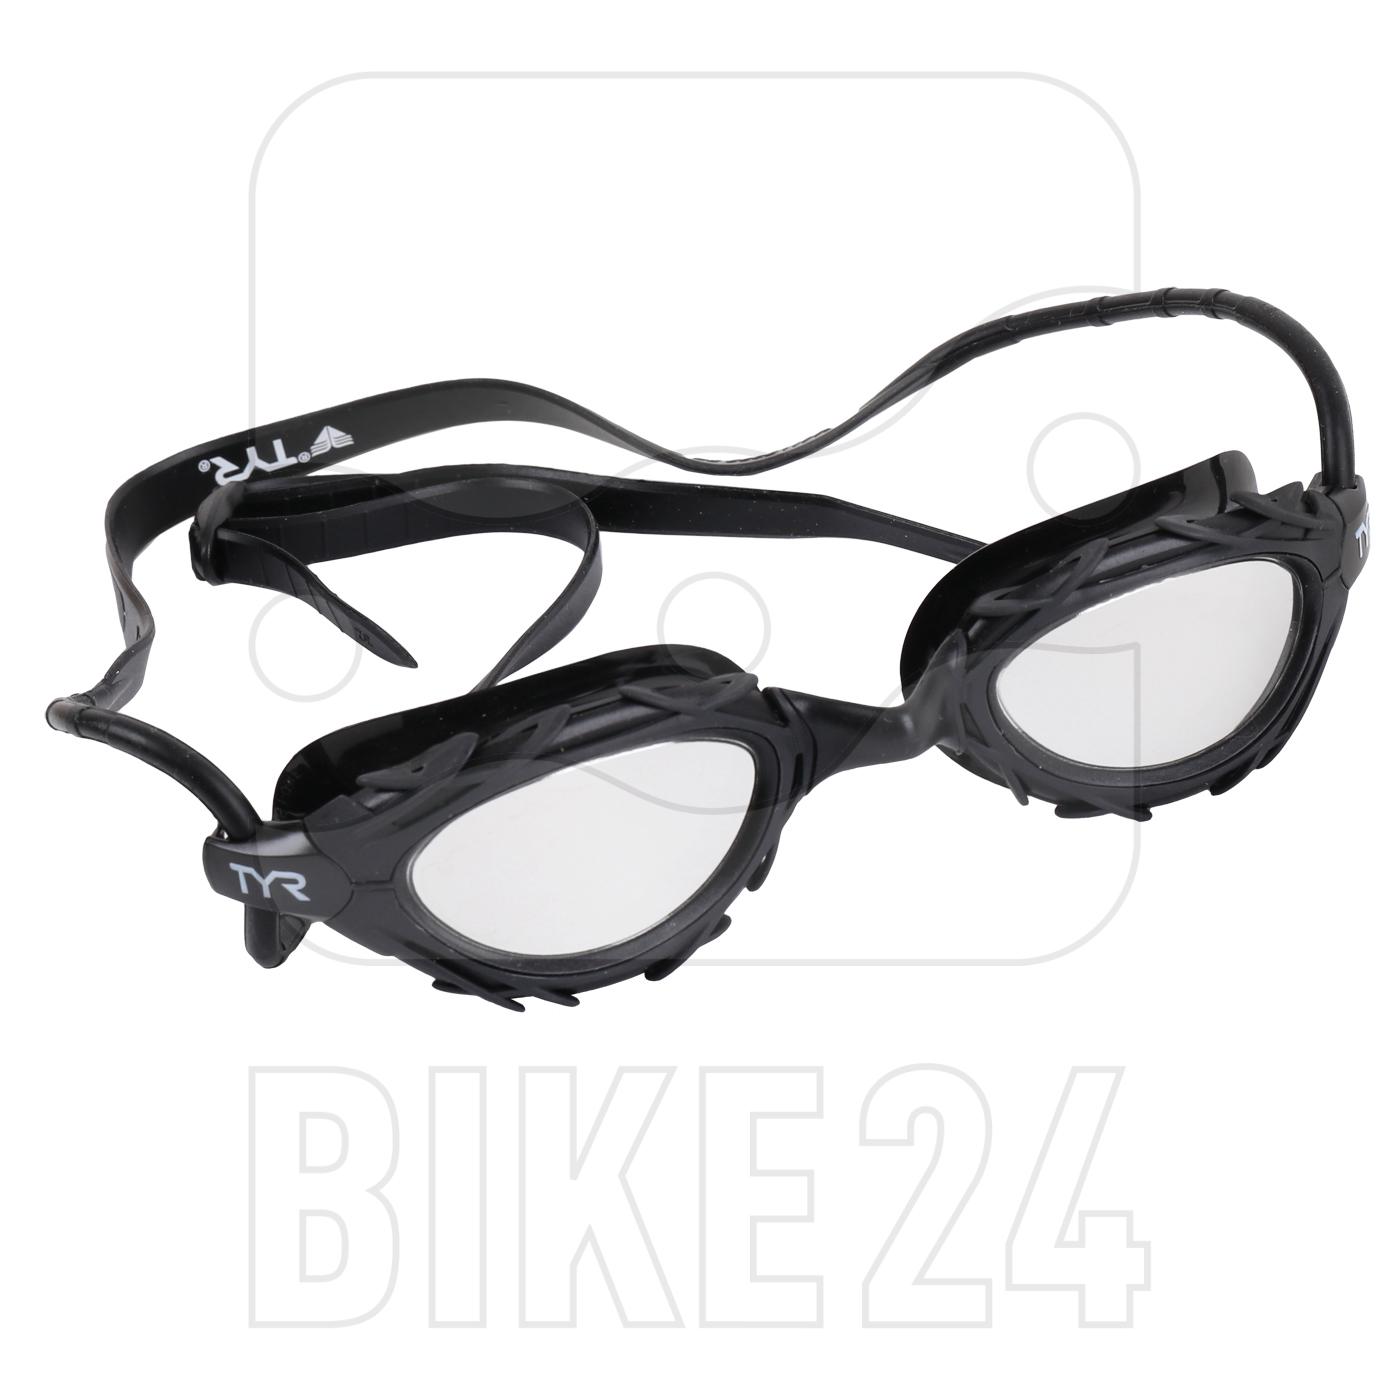 TYR Nest Pro Mirrored Nano Fit Swimming Goggles - titanium silver/black/black